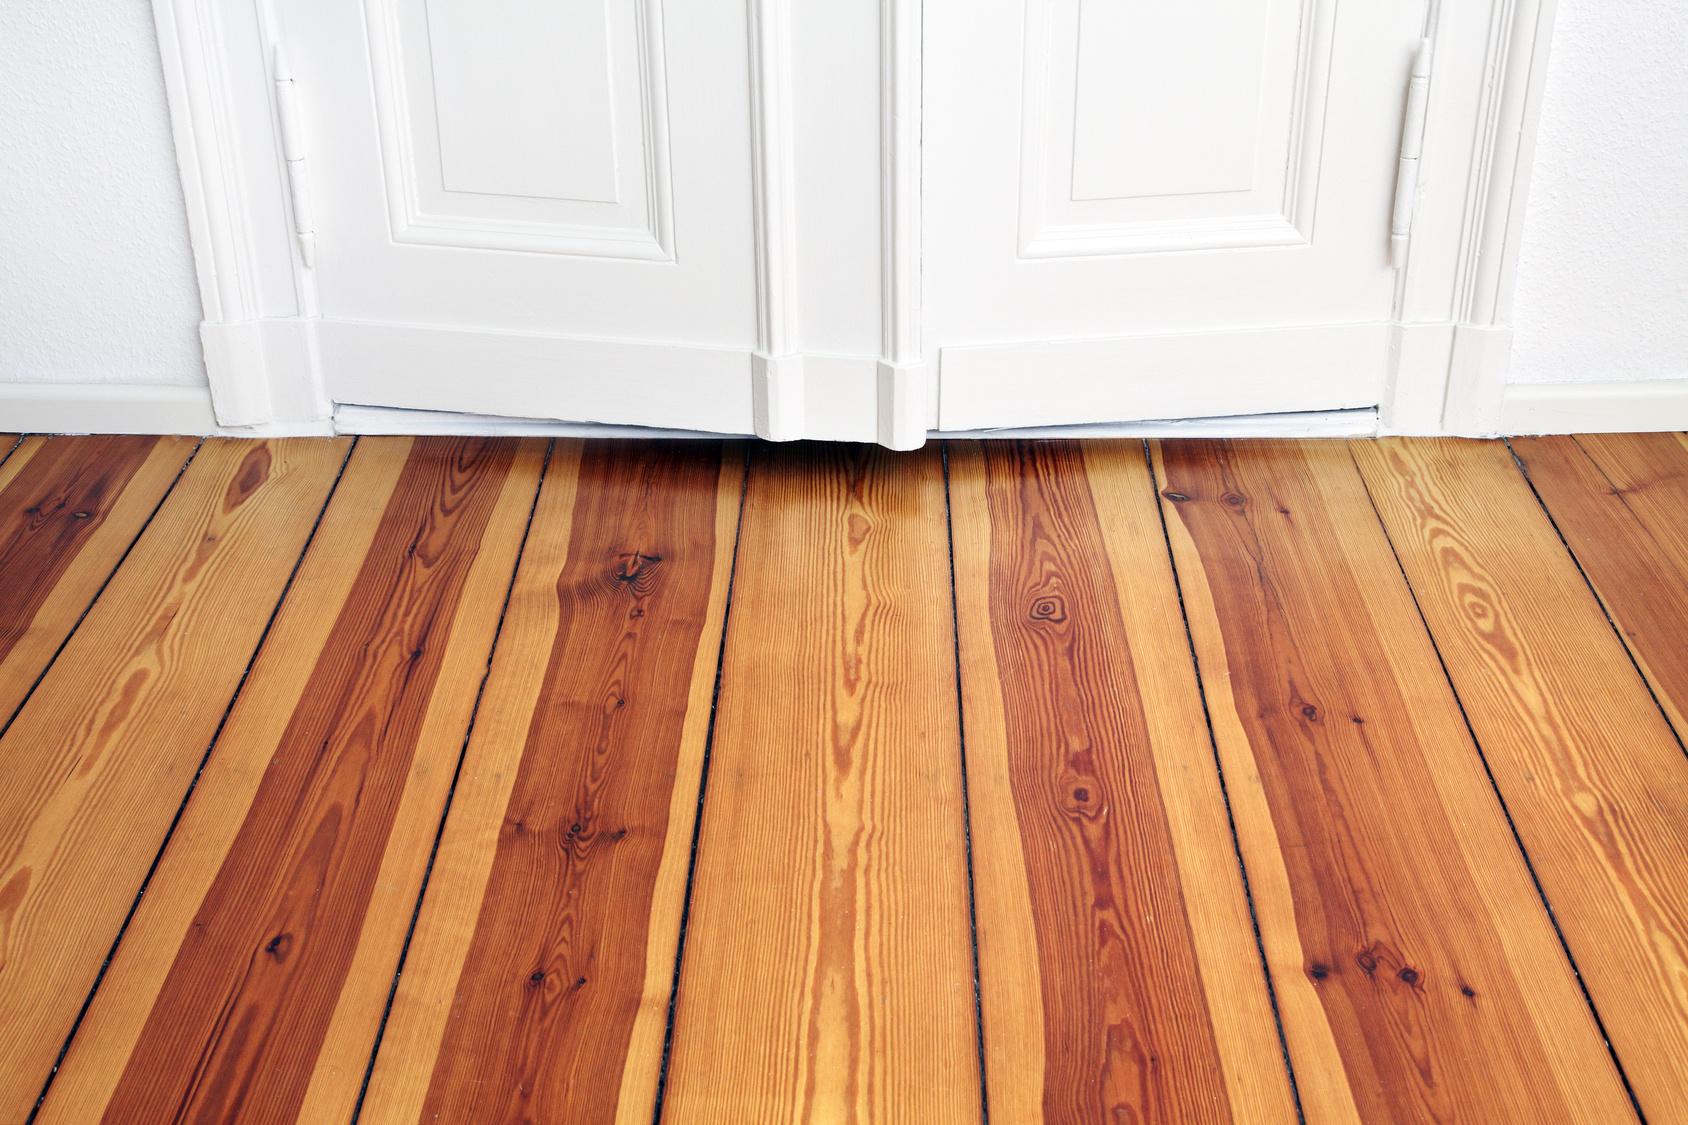 Dielenverlegen – Anleitung für Holzdielen